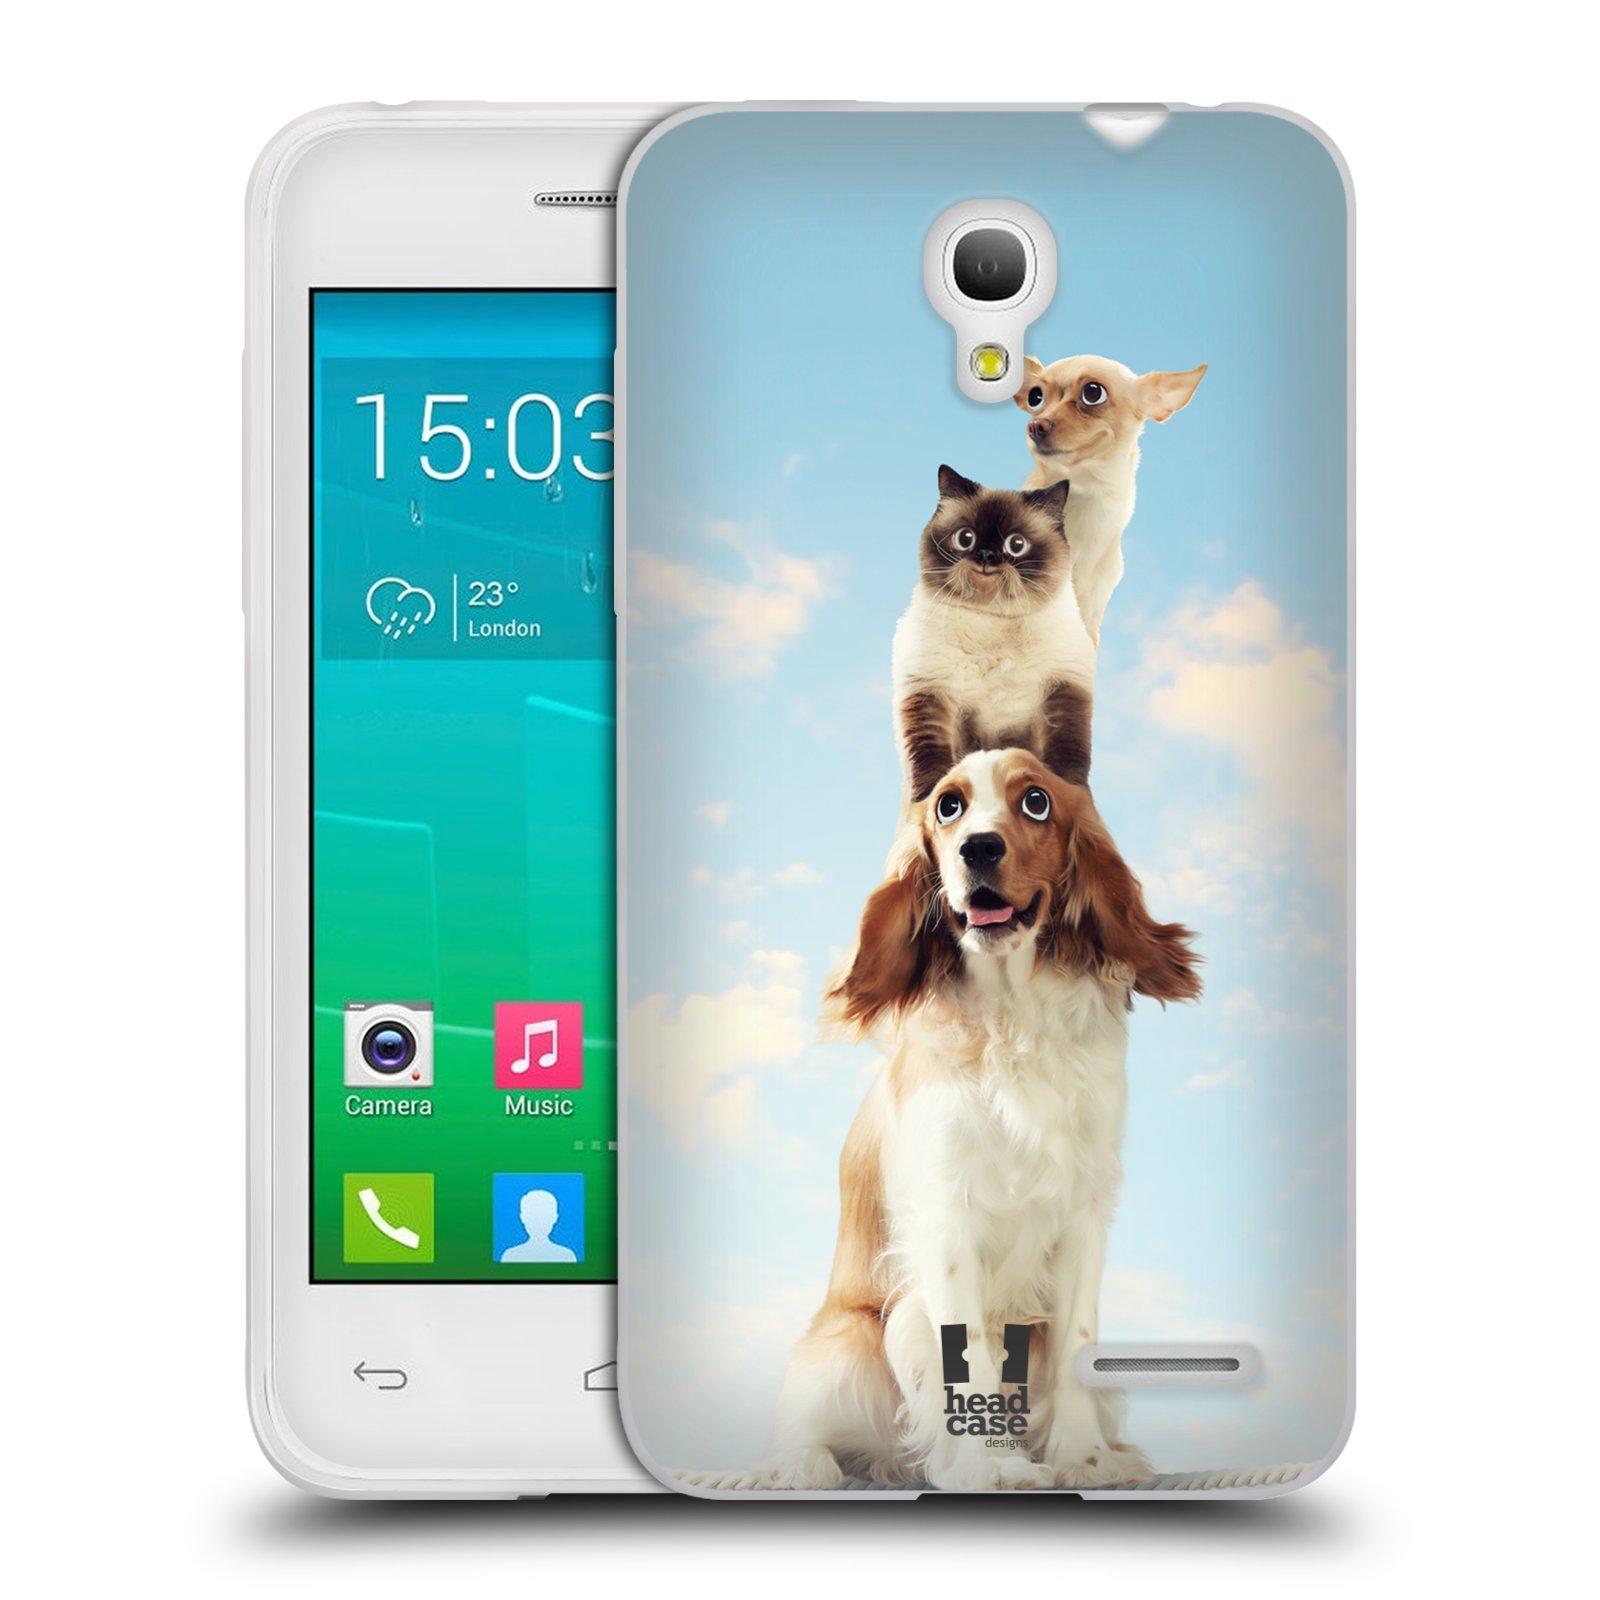 HEAD CASE silikonový obal na mobil Alcatel POP S3 OT-5050Y vzor Legrační zvířátka zvířecí totem